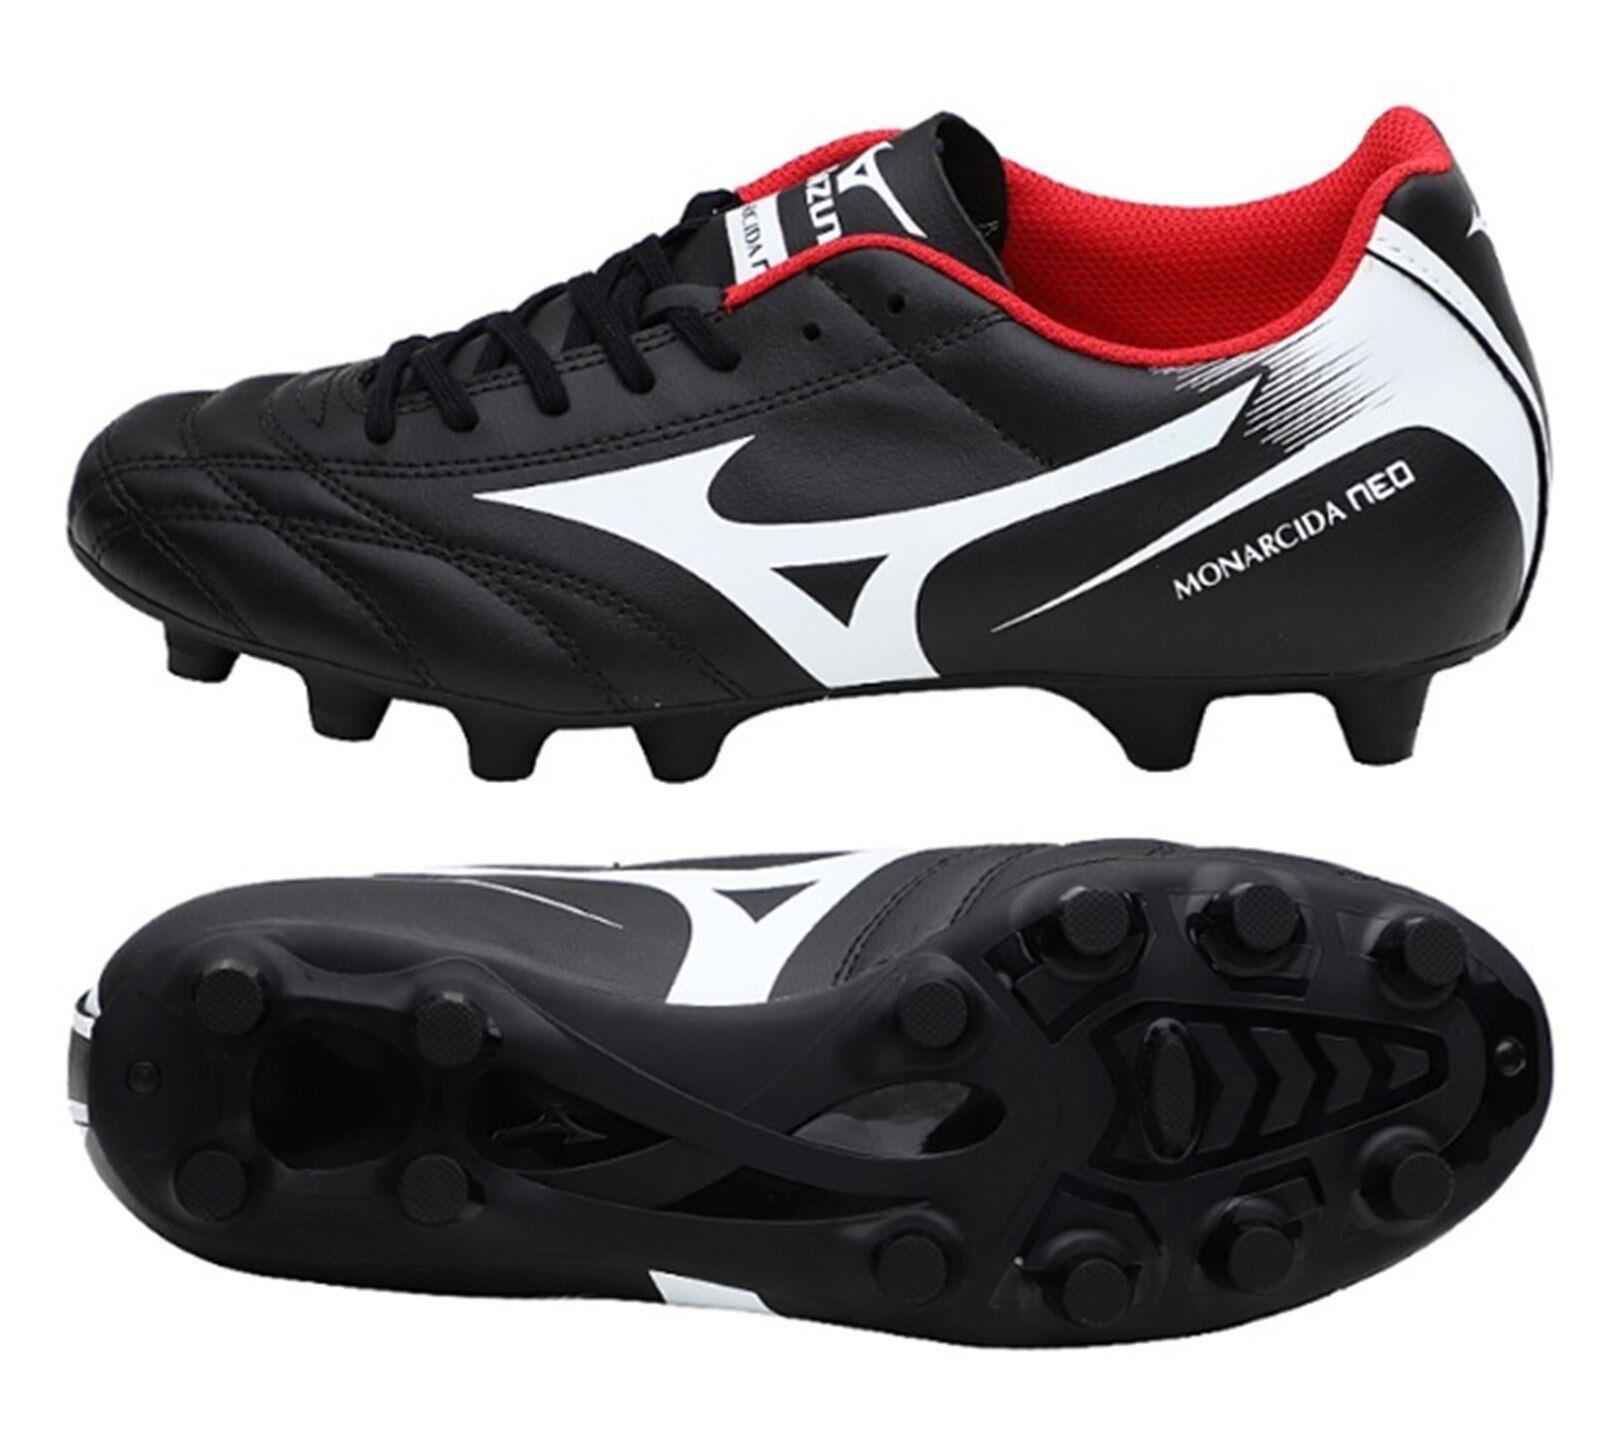 Mizuno Hombre Botines De Fútbol Fútbol MD monarcida Neo Negro Zapatos Spike P1GA172401